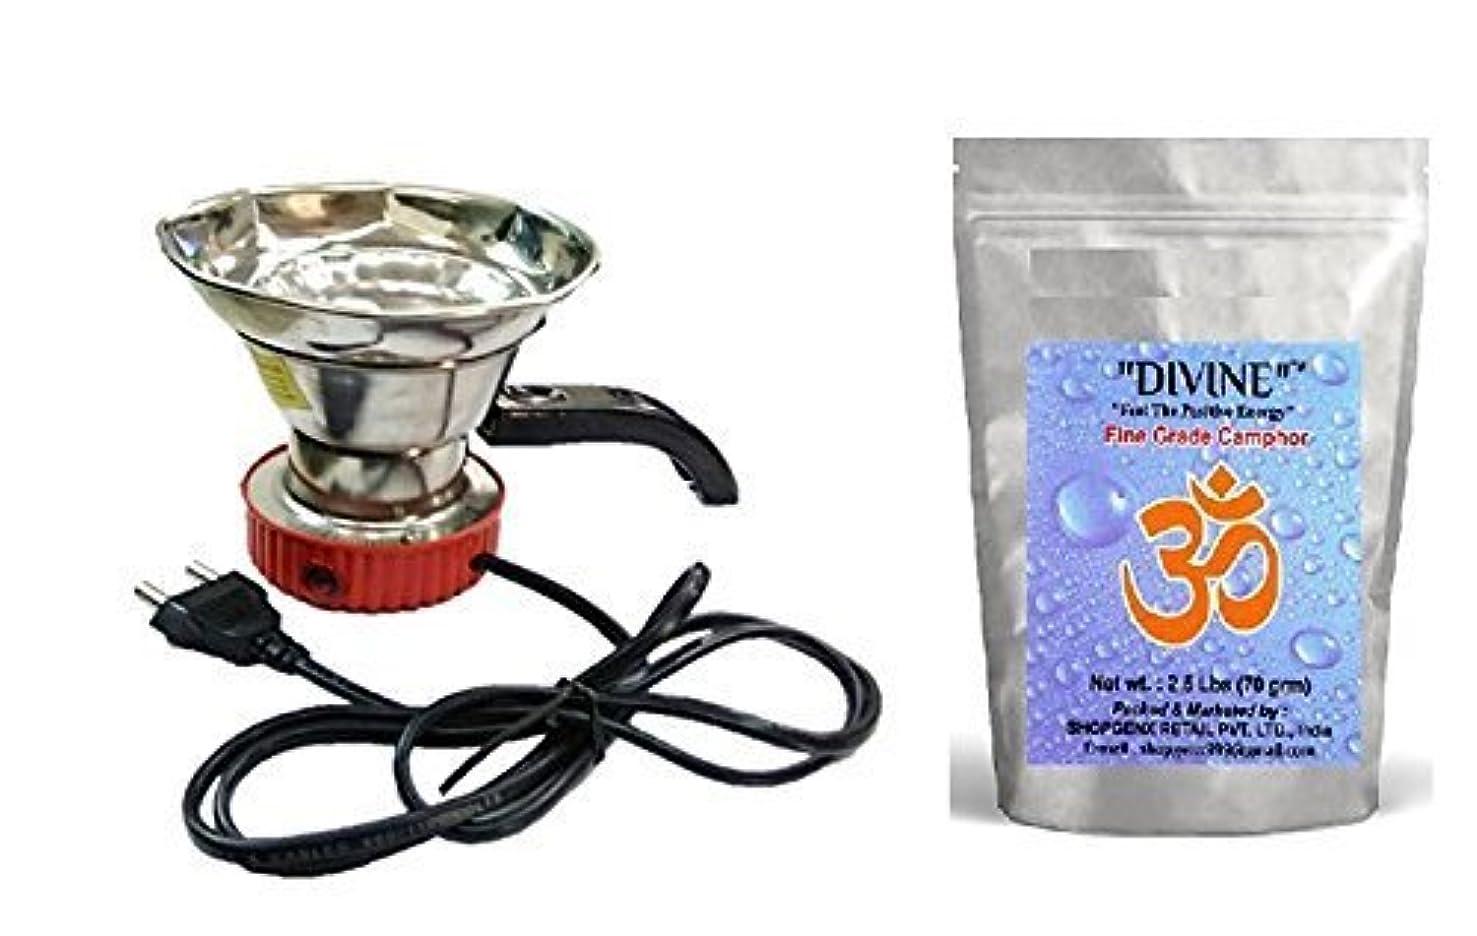 信頼パット障害Electric Dhoop Dani Incense Burner 12 cm Free 70 GM Camphor For Positive Energy